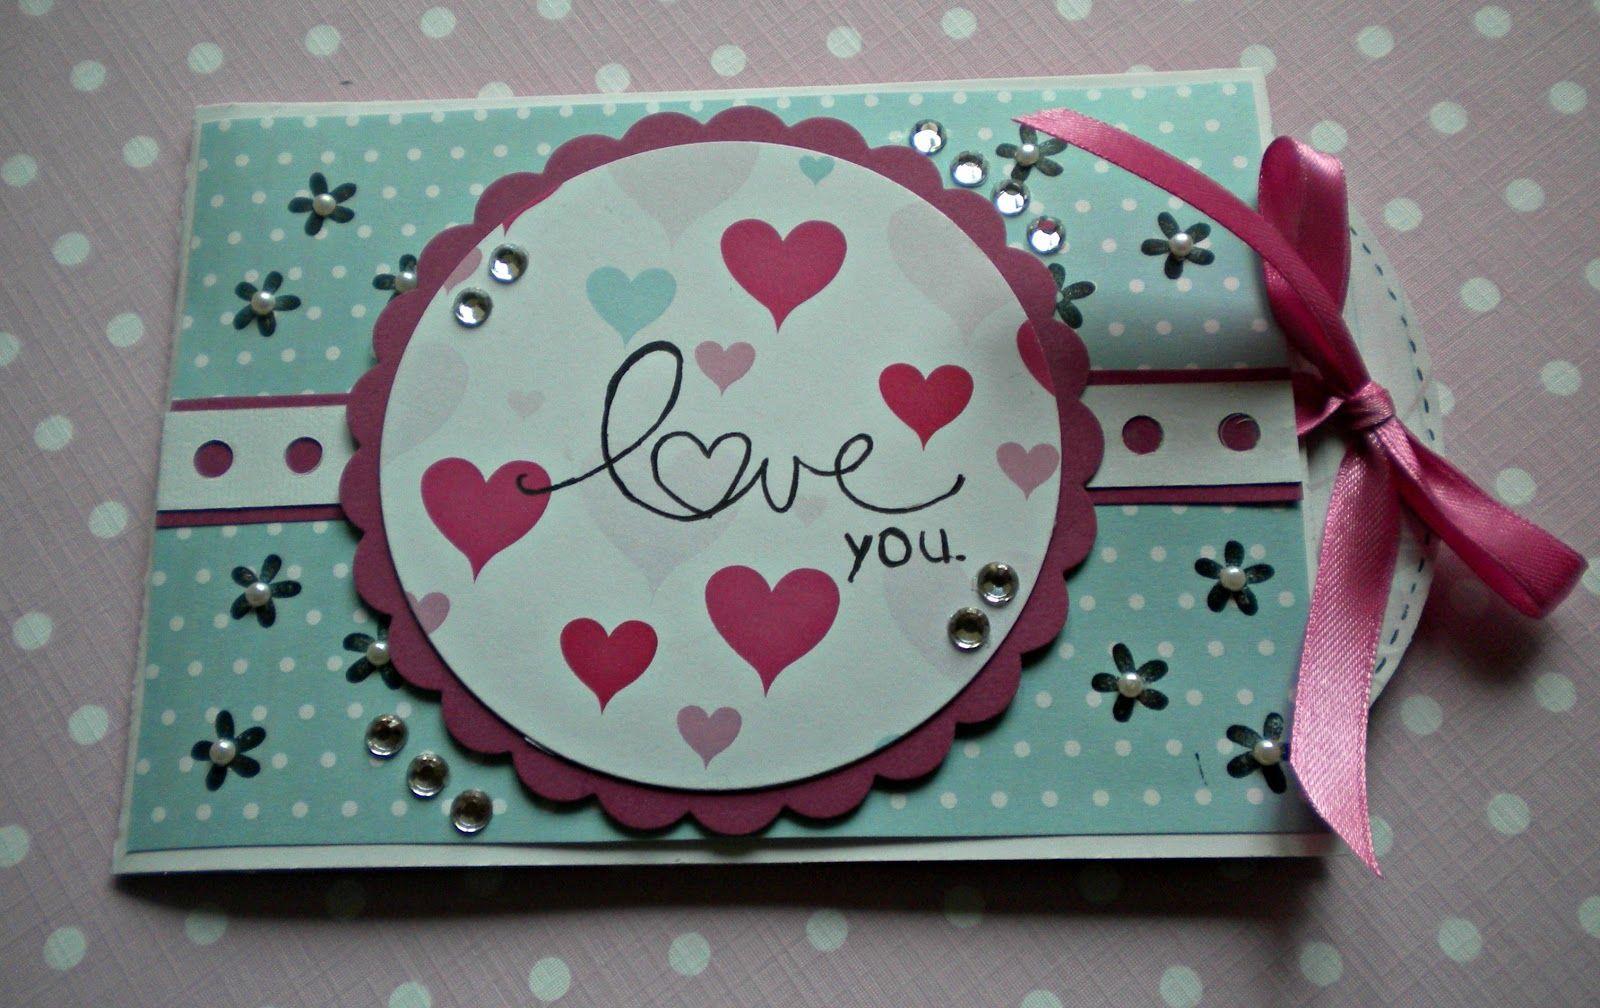 1 post creativo al giorno: #43/365 Minialbum San Valentino by Gina    Il giorno per giorno nato da San Valentino è cauto una delle mie occasioni preferite per condividere per mezzo di la mia stirpe e amici particolari, principalmente attraverso avere in comune insieme i miei prole. Sta cuocendo quelle torte, dolci e biscotti e sta facendo ancora delle belle carte nato da San Valentino. Ho molte idee per condivi... #Creativo #Gin #giorno #minialbum #post #San #San Valentino auguri #Valentino